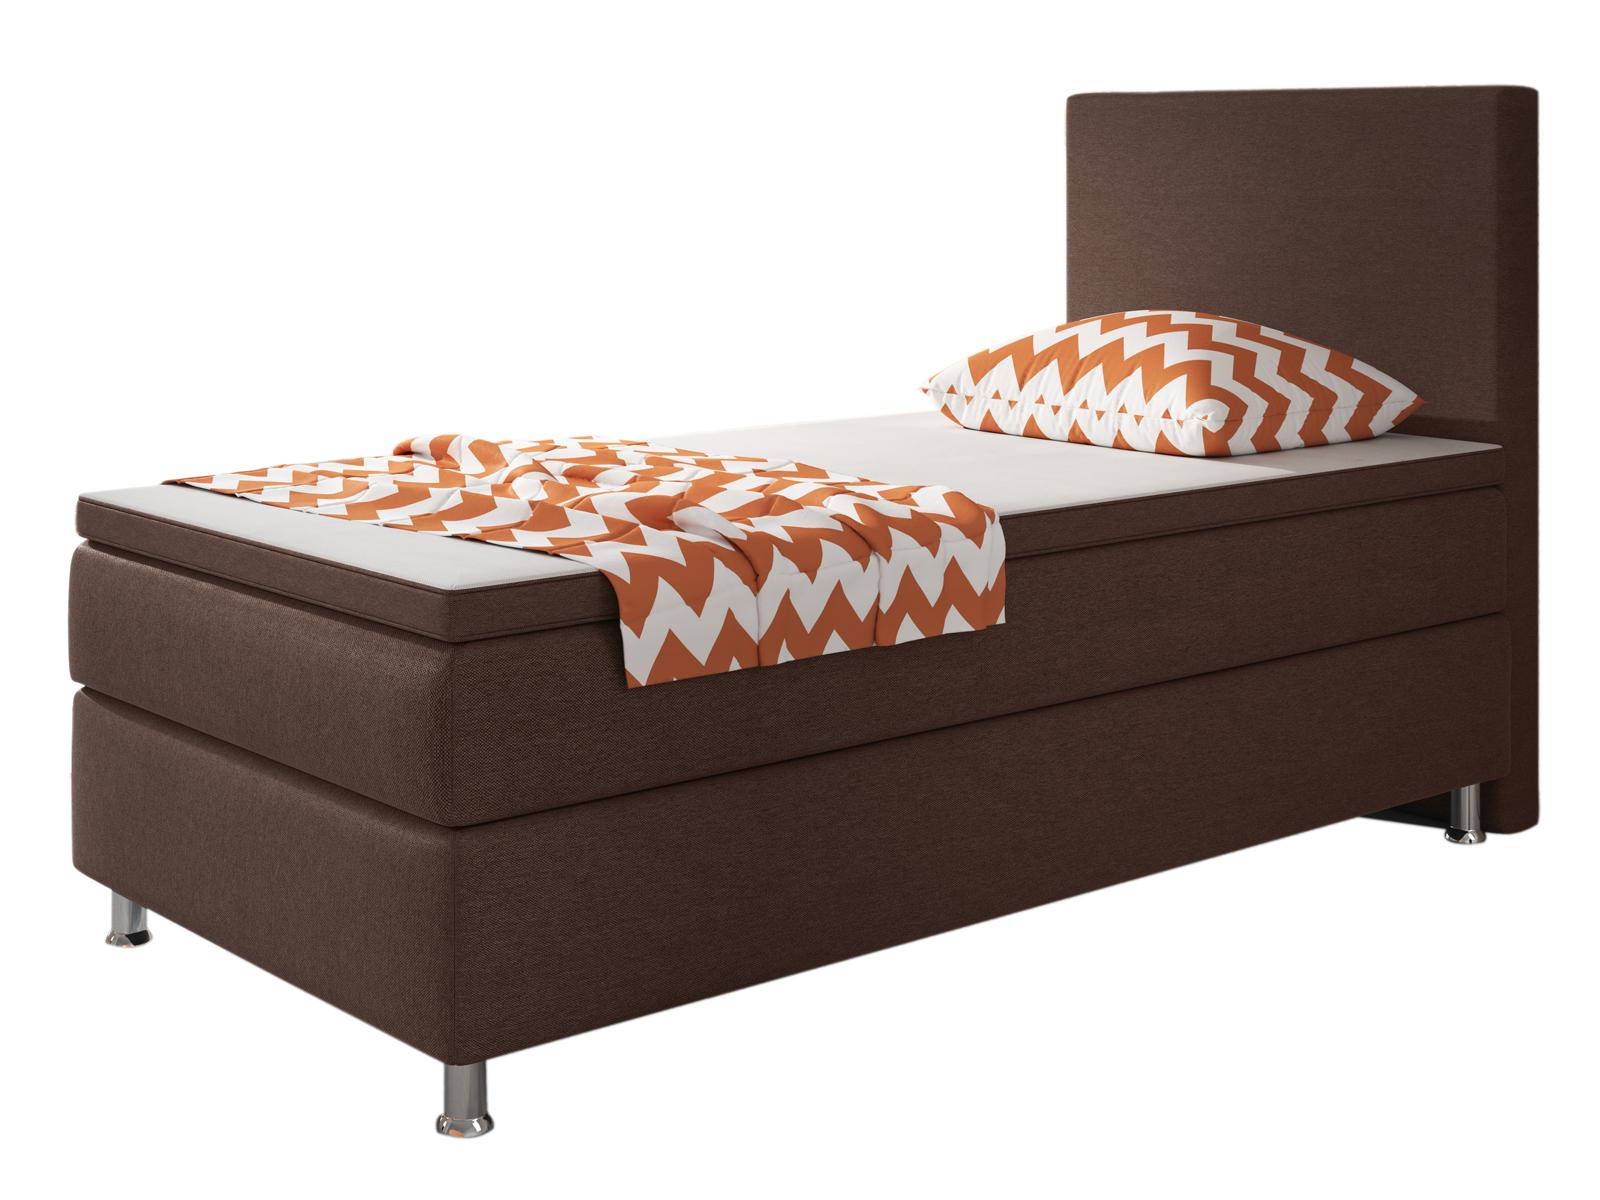 boxspringbett berlin bett hotelbett designerbett 90x200 cm webstoff braun 4260465765920 ebay. Black Bedroom Furniture Sets. Home Design Ideas